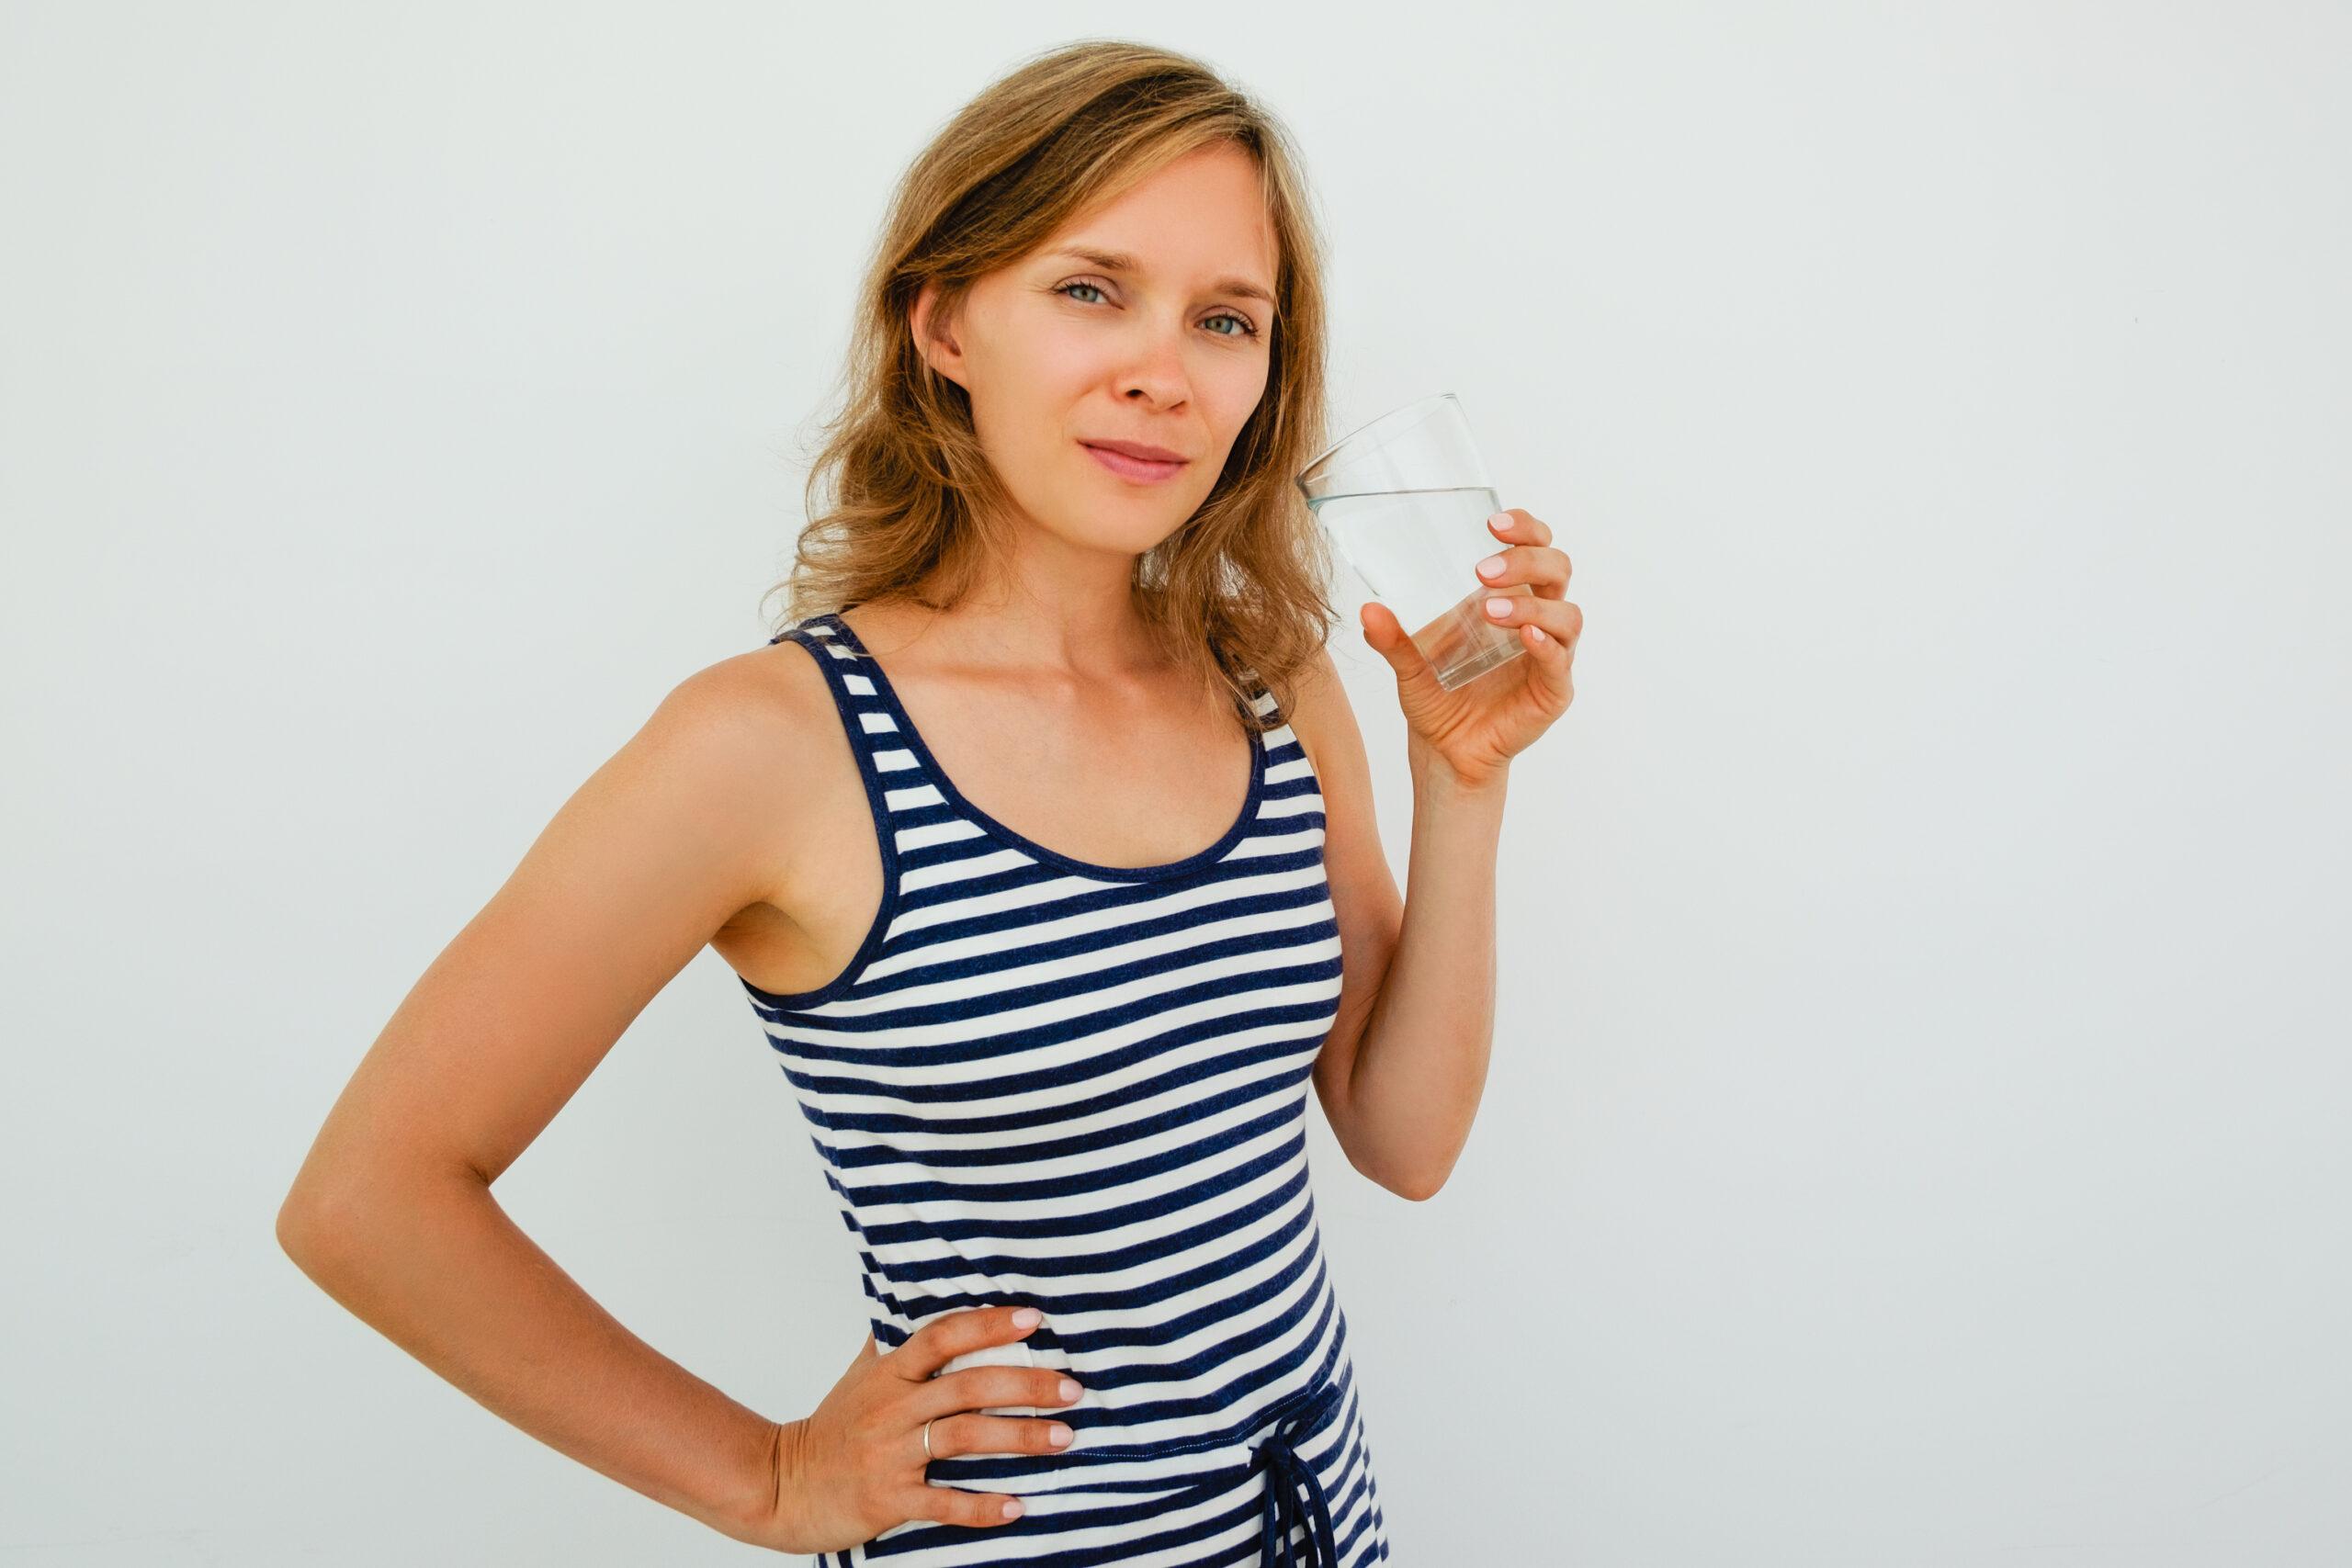 Przesilenie wiosenne - nawadnianie organizmu. Kobieta trzyma szklankę wody.